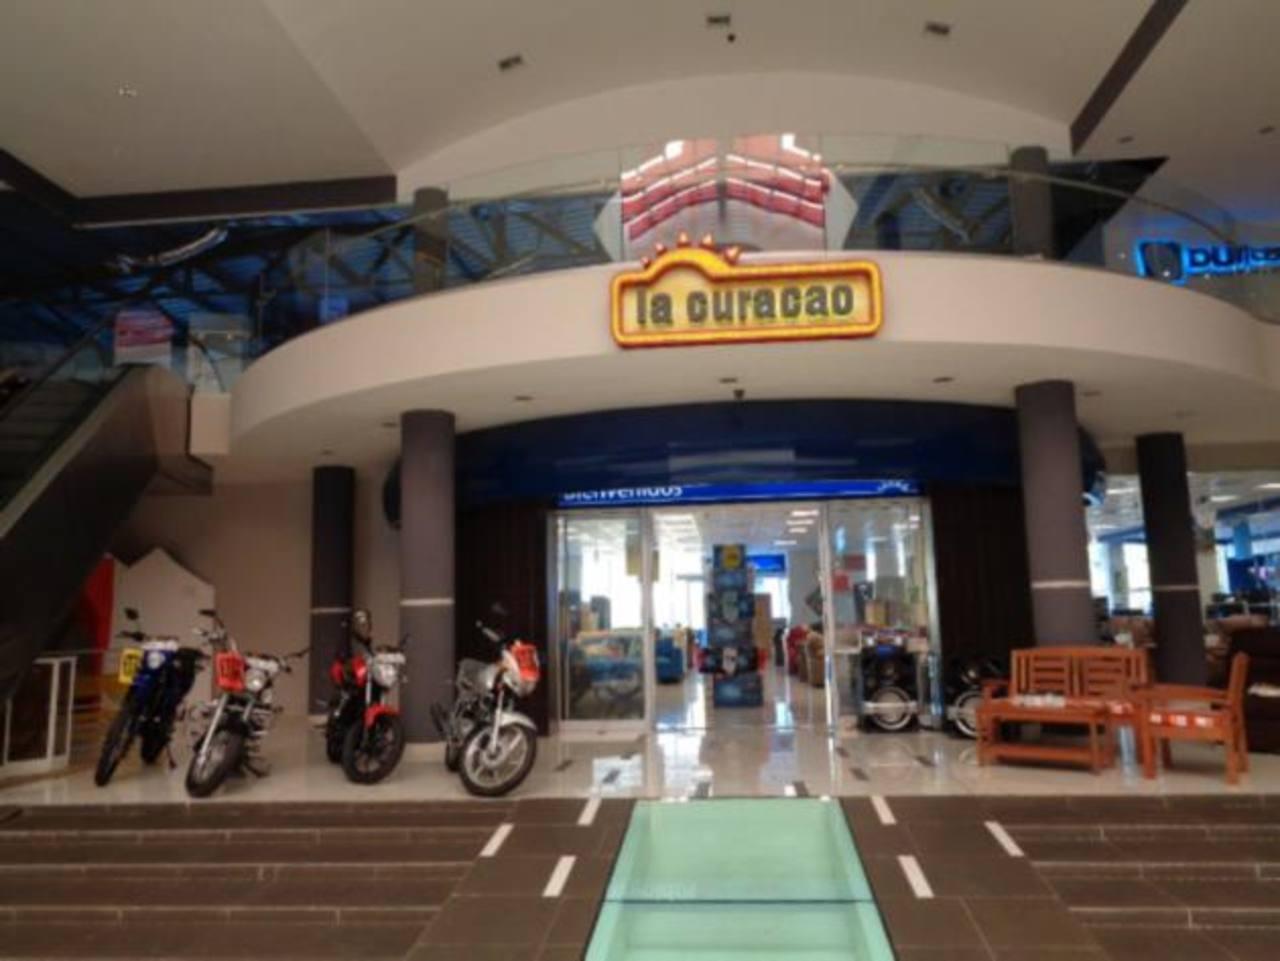 La tienda cuenta con horarios extendidos: De lunes a sábado de 9:00 a.m. a 7:00 p.m. y domingo de 10:00 a.m a 5:00 p.m.